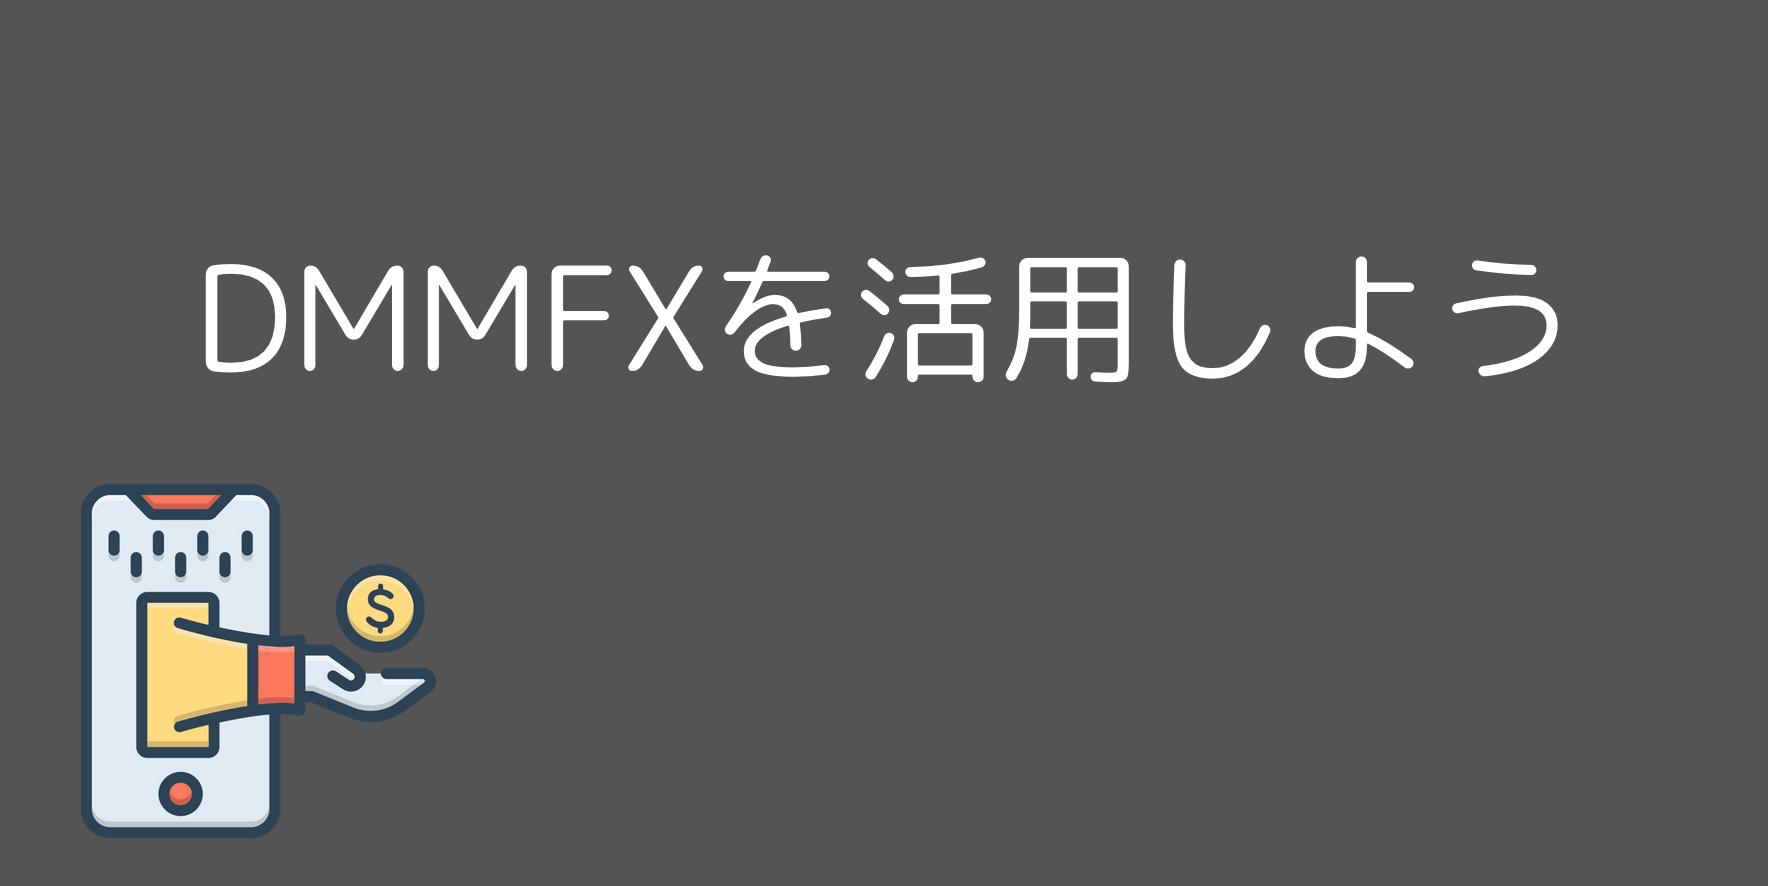 【まとめ】DMMFXのスプレッドを利用してFXを始めよう